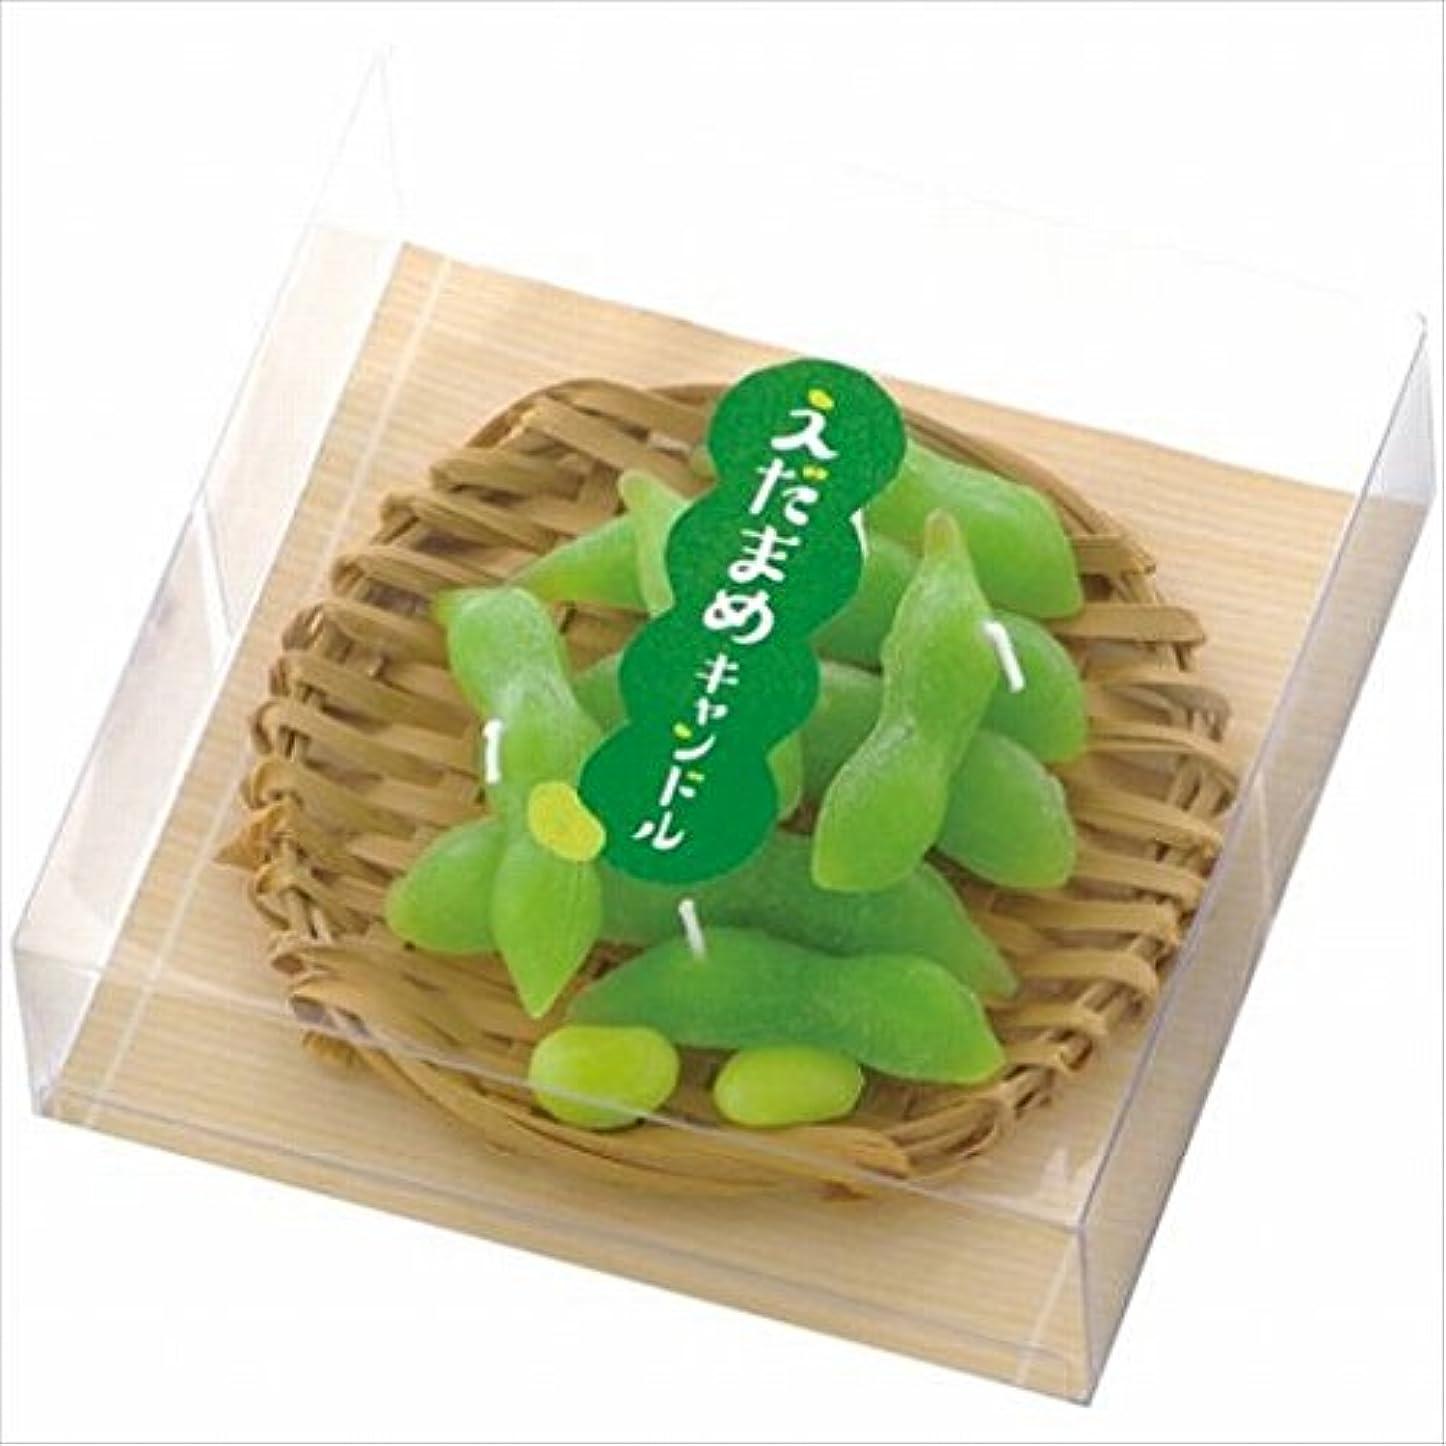 追加するメカニック受け入れたkameyama candle(カメヤマキャンドル) えだまめキャンドル(86990000)